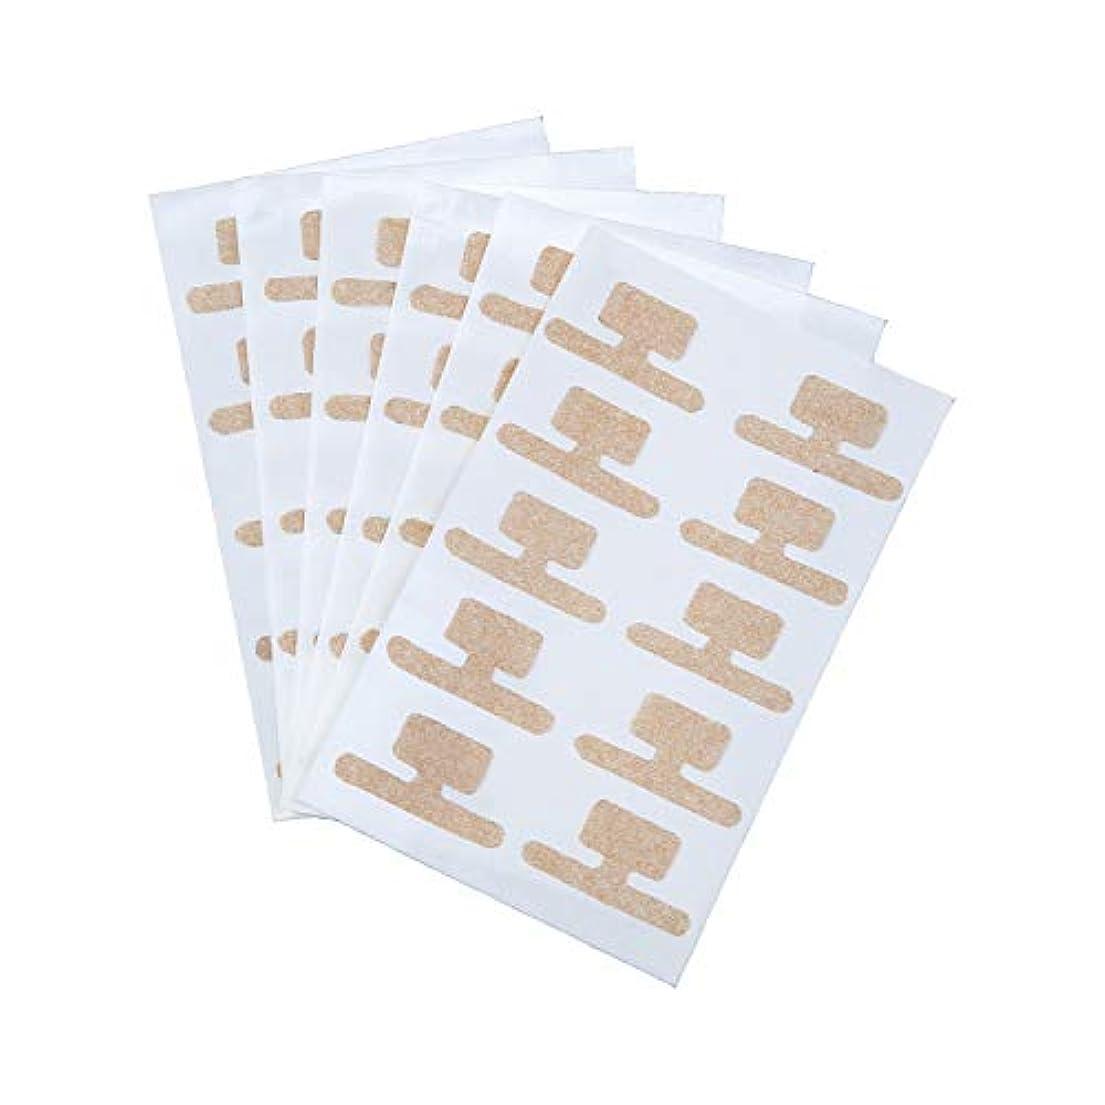 パンチアグネスグレイ申し立て巻き爪ダブルケアテープ 60枚入 持ち上げ シール 食い込み 痛み サポート 貼るだけ 足 フットケア